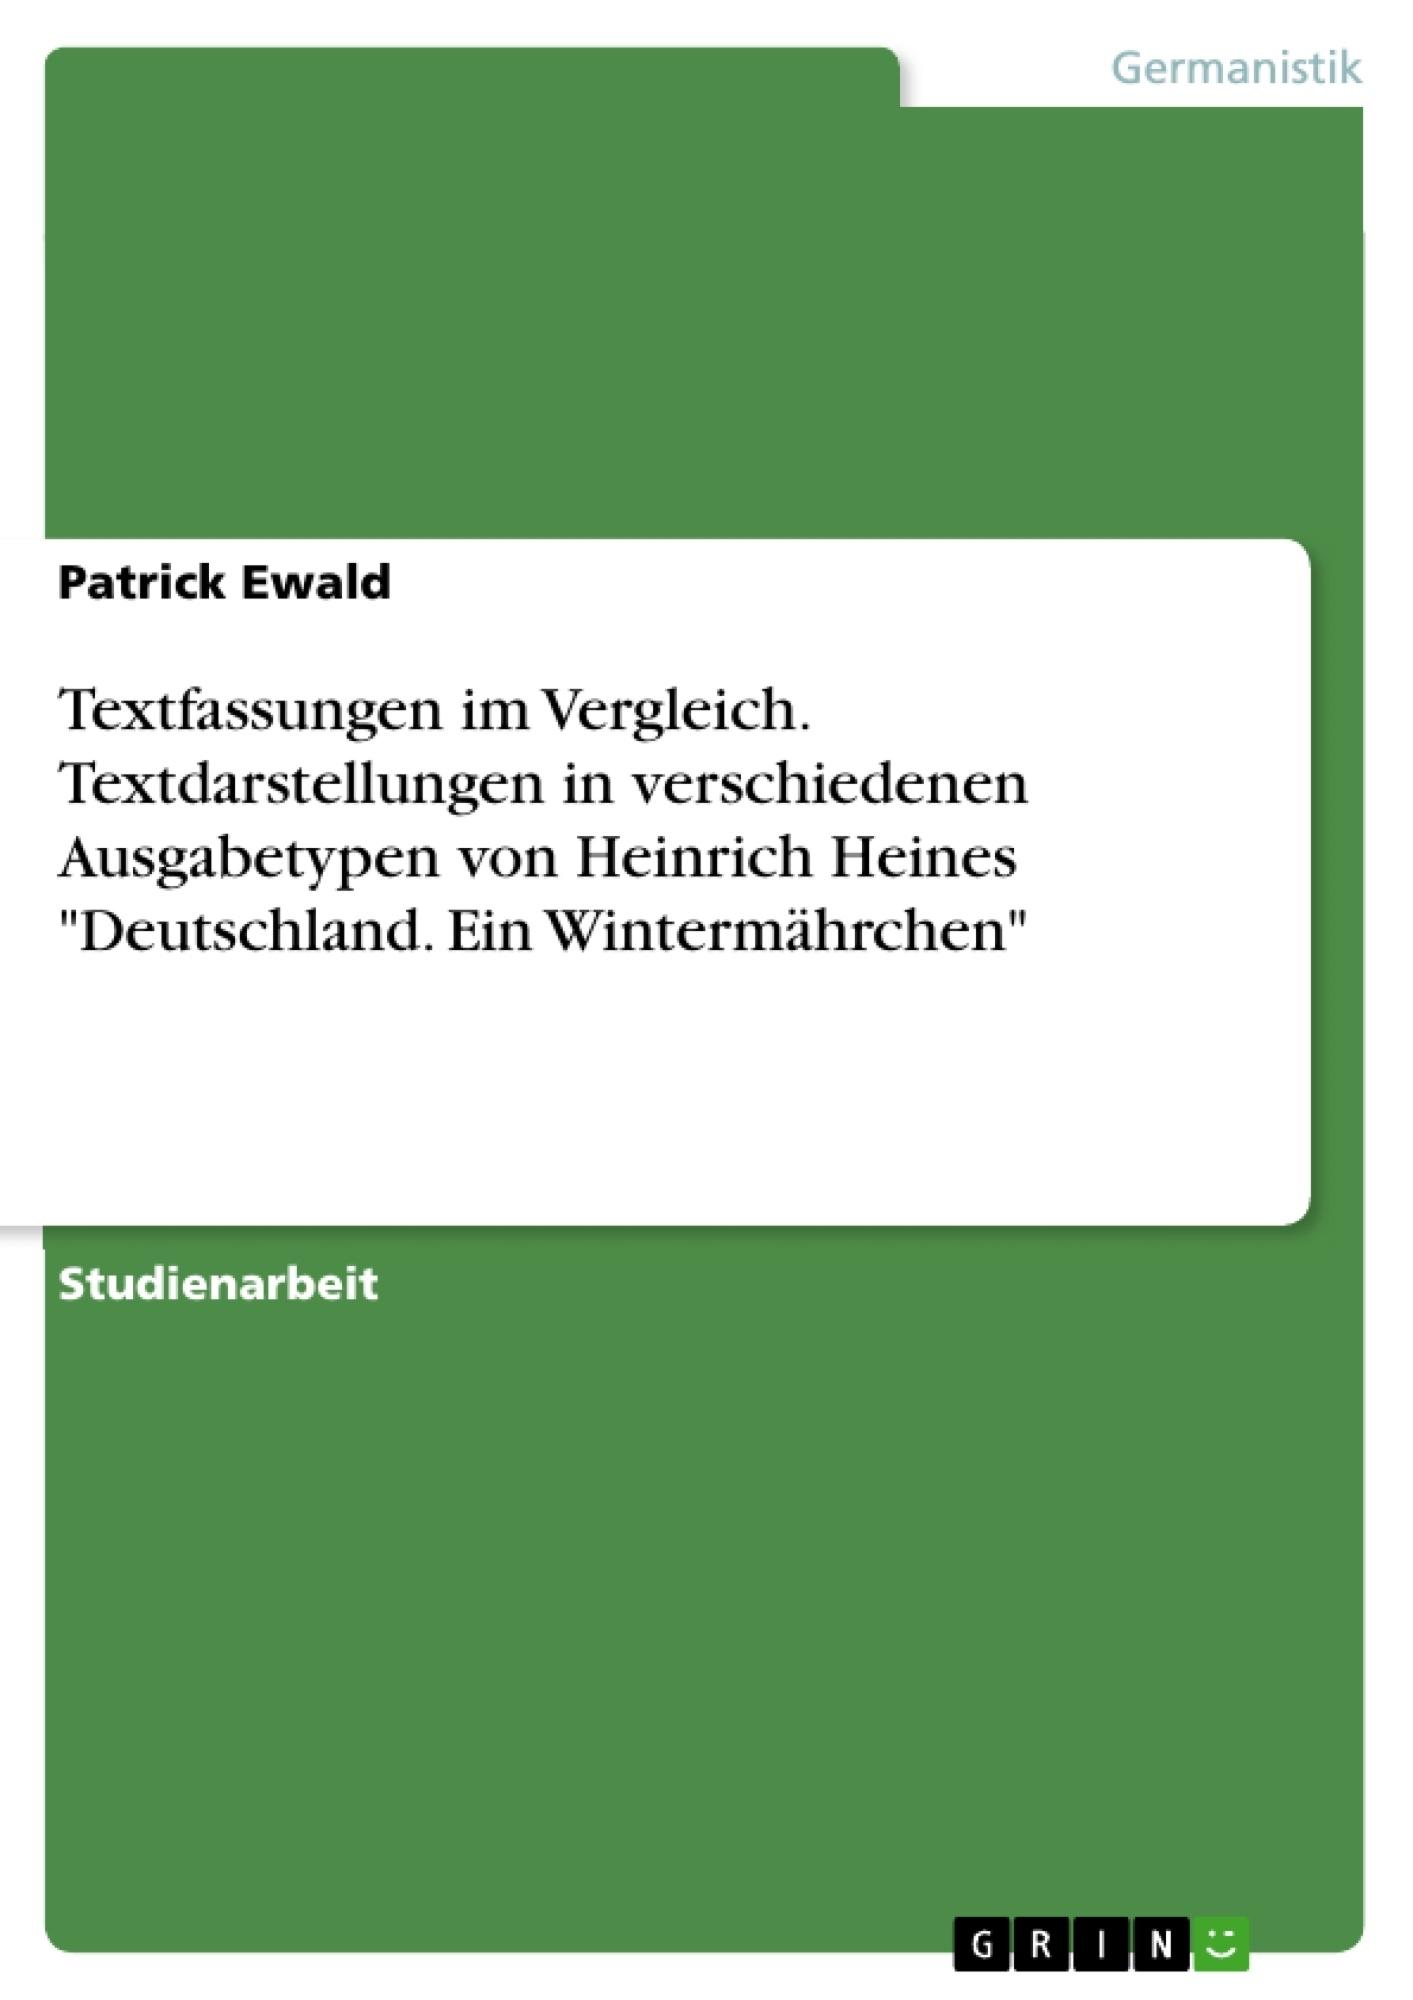 """Titel: Textfassungen im Vergleich. Textdarstellungen in verschiedenen Ausgabetypen von Heinrich Heines """"Deutschland. Ein Wintermährchen"""""""